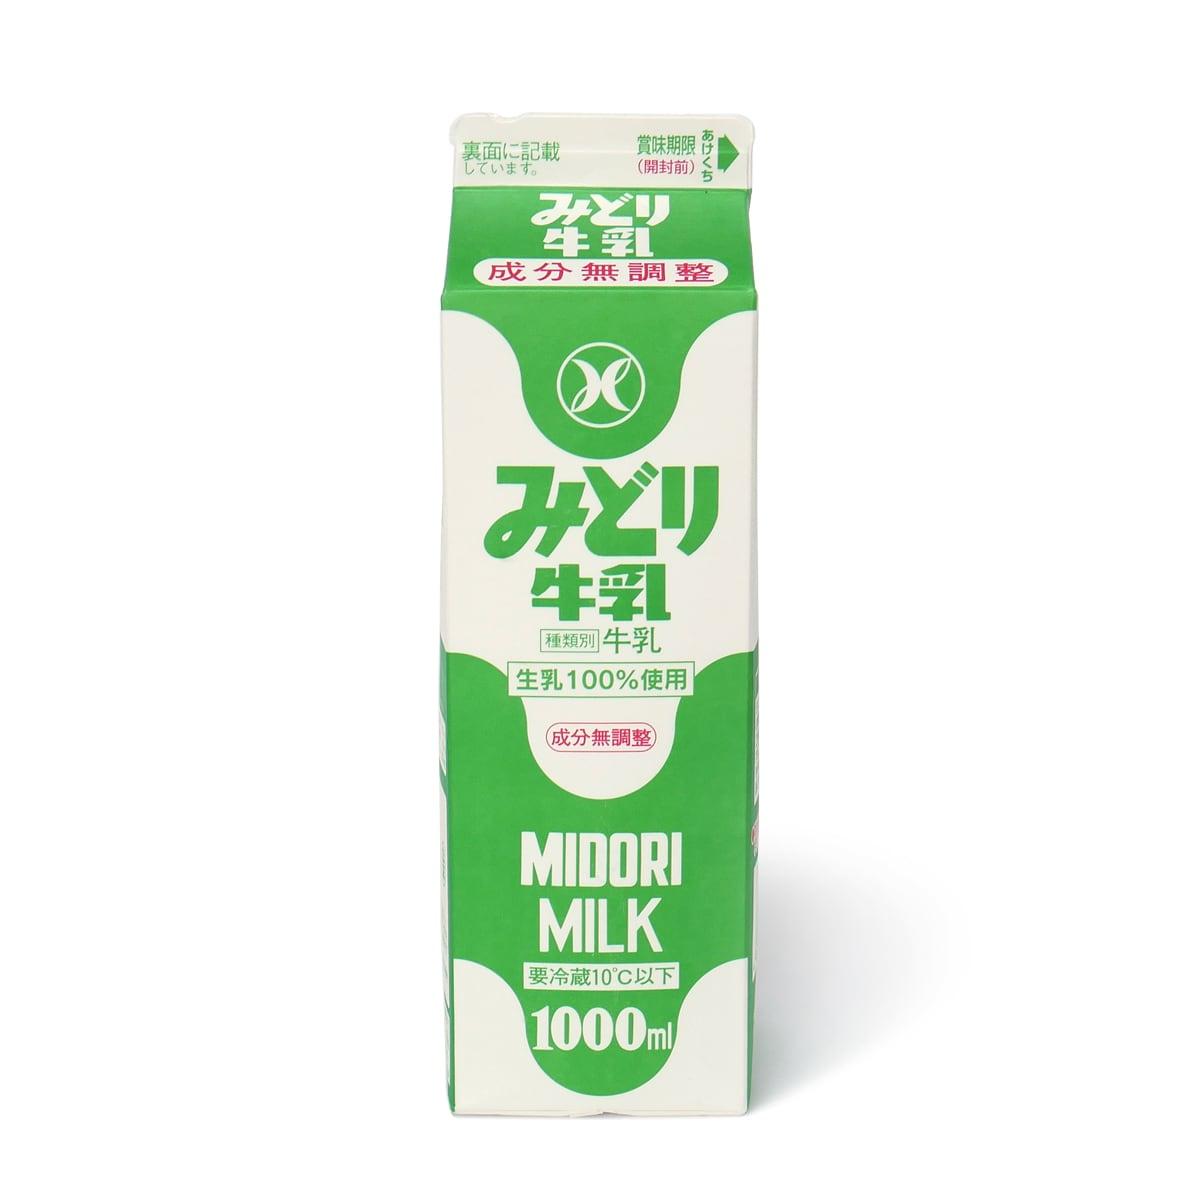 みどり牛乳 1000ml